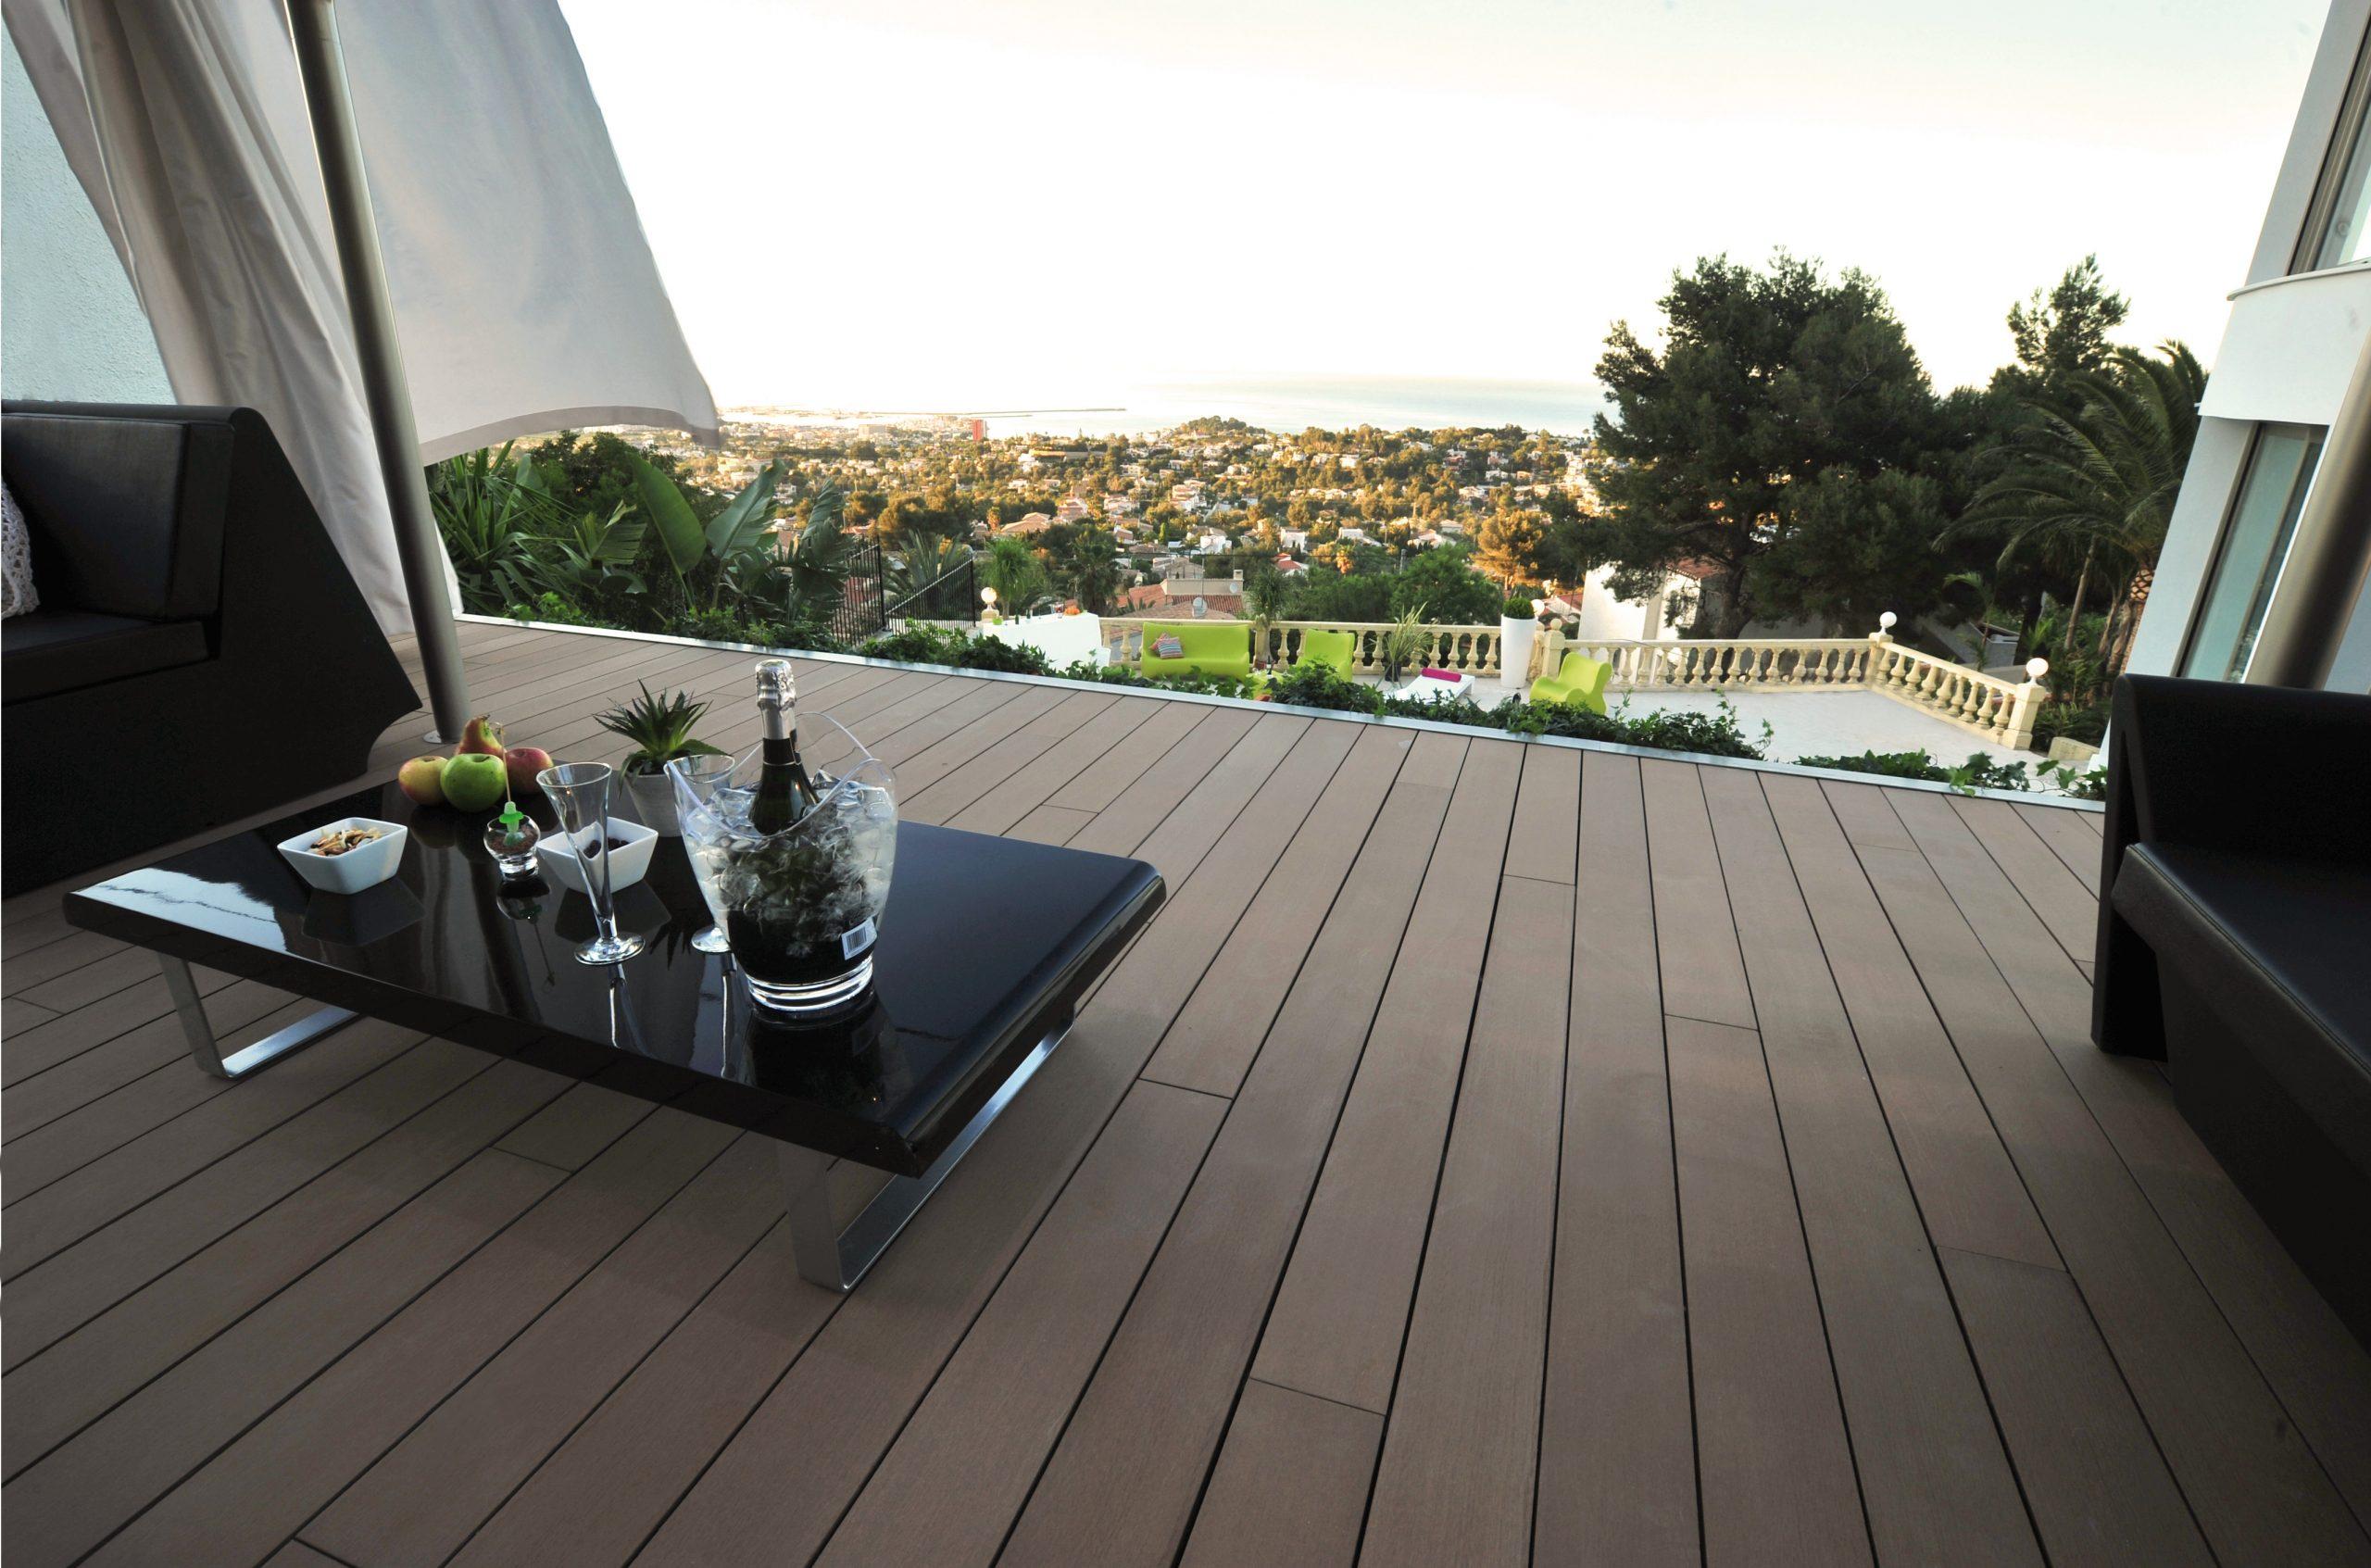 wpc terrassendielen vorteile nachteile von wpc im vergleich. Black Bedroom Furniture Sets. Home Design Ideas